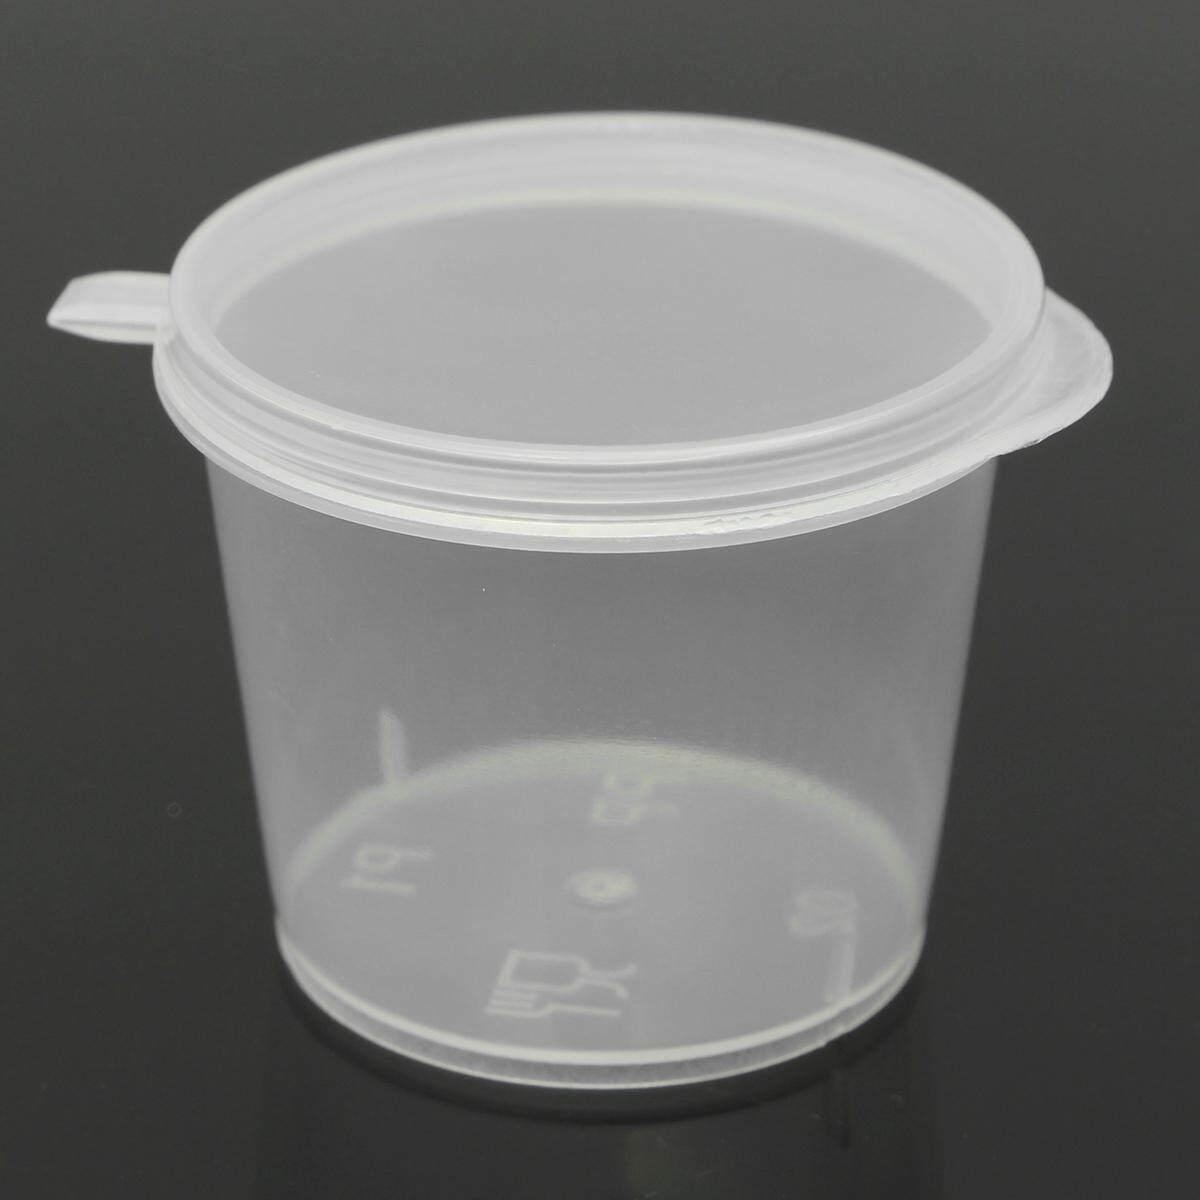 35 ml 30/Bộ Nhựa Nhỏ Nước Ly Hộp Trữ Thức Ăn Trong Suốt Ô + Nắp Lưng-quốc tế